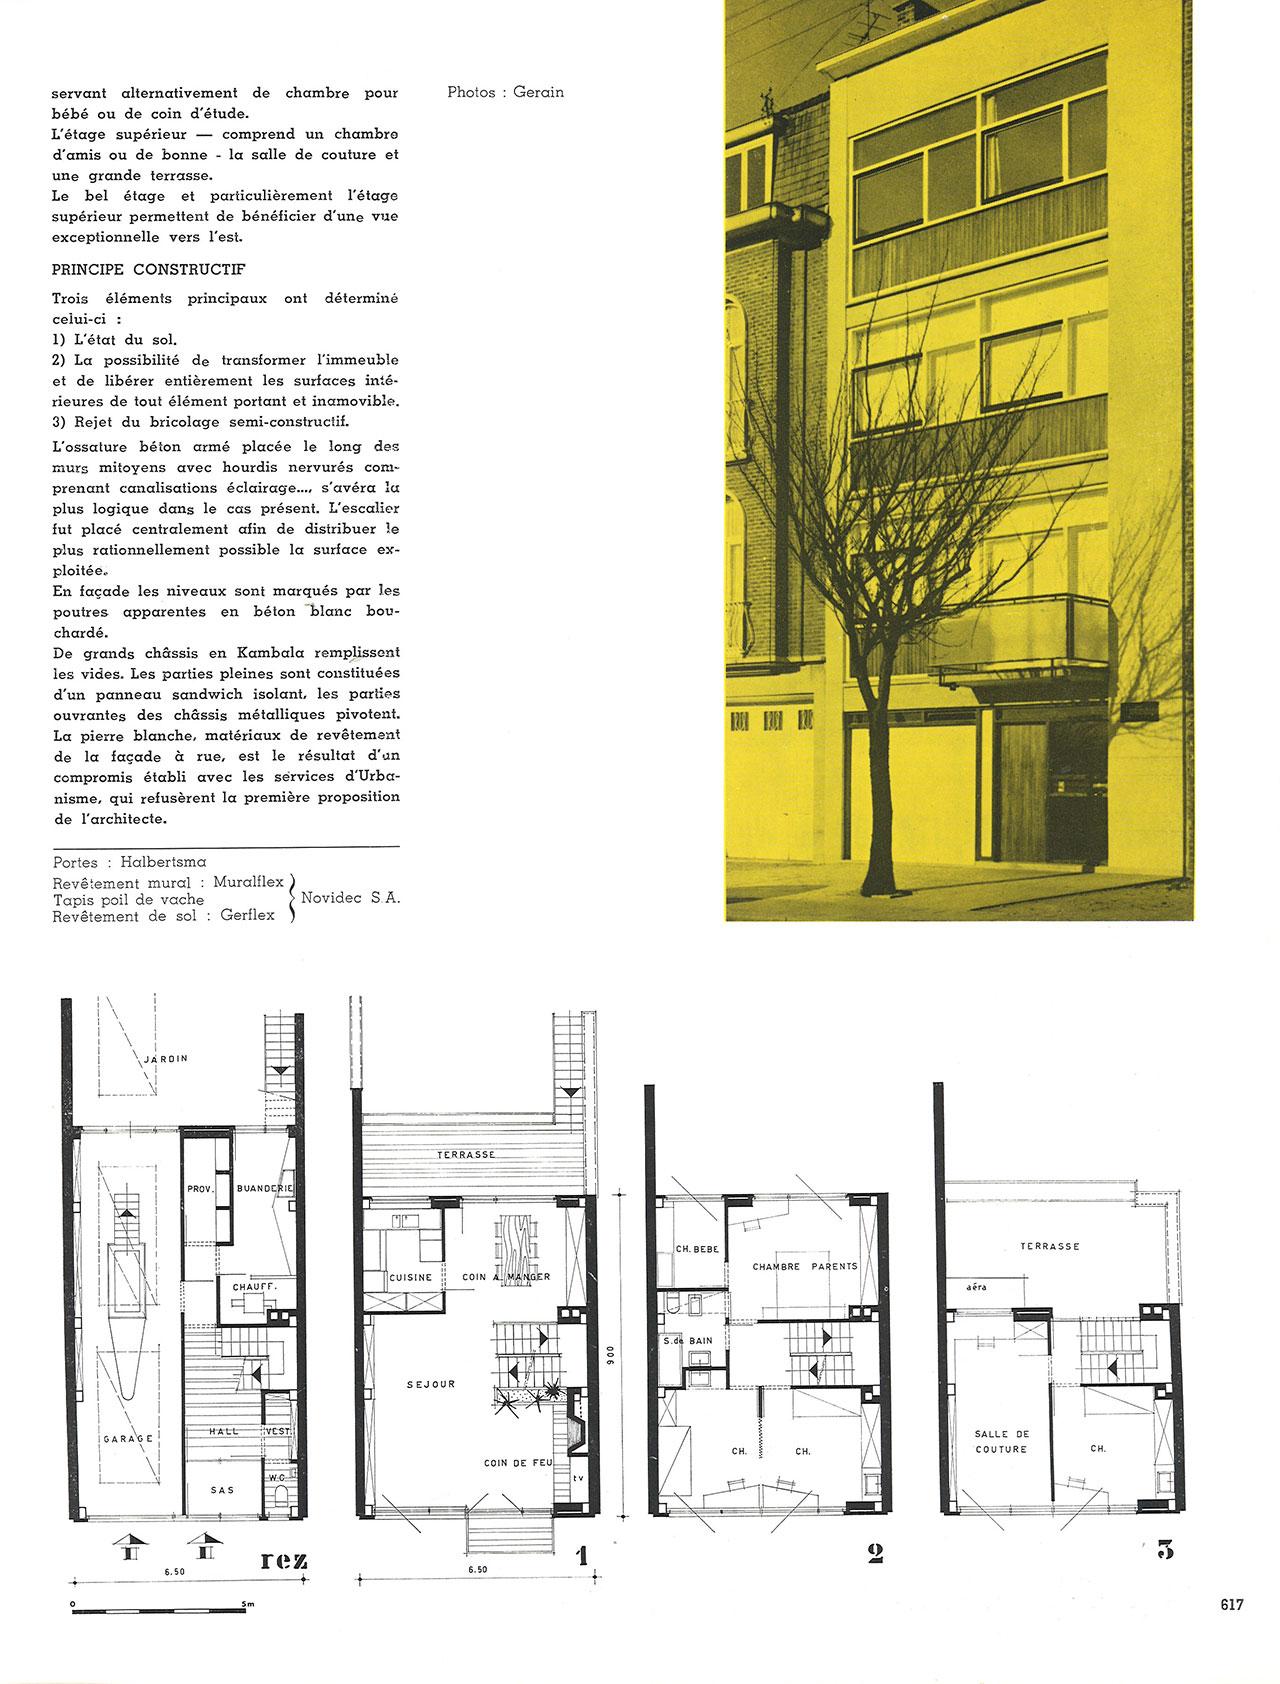 Immeuble d'habitation à Ganshoren-Bruxelles